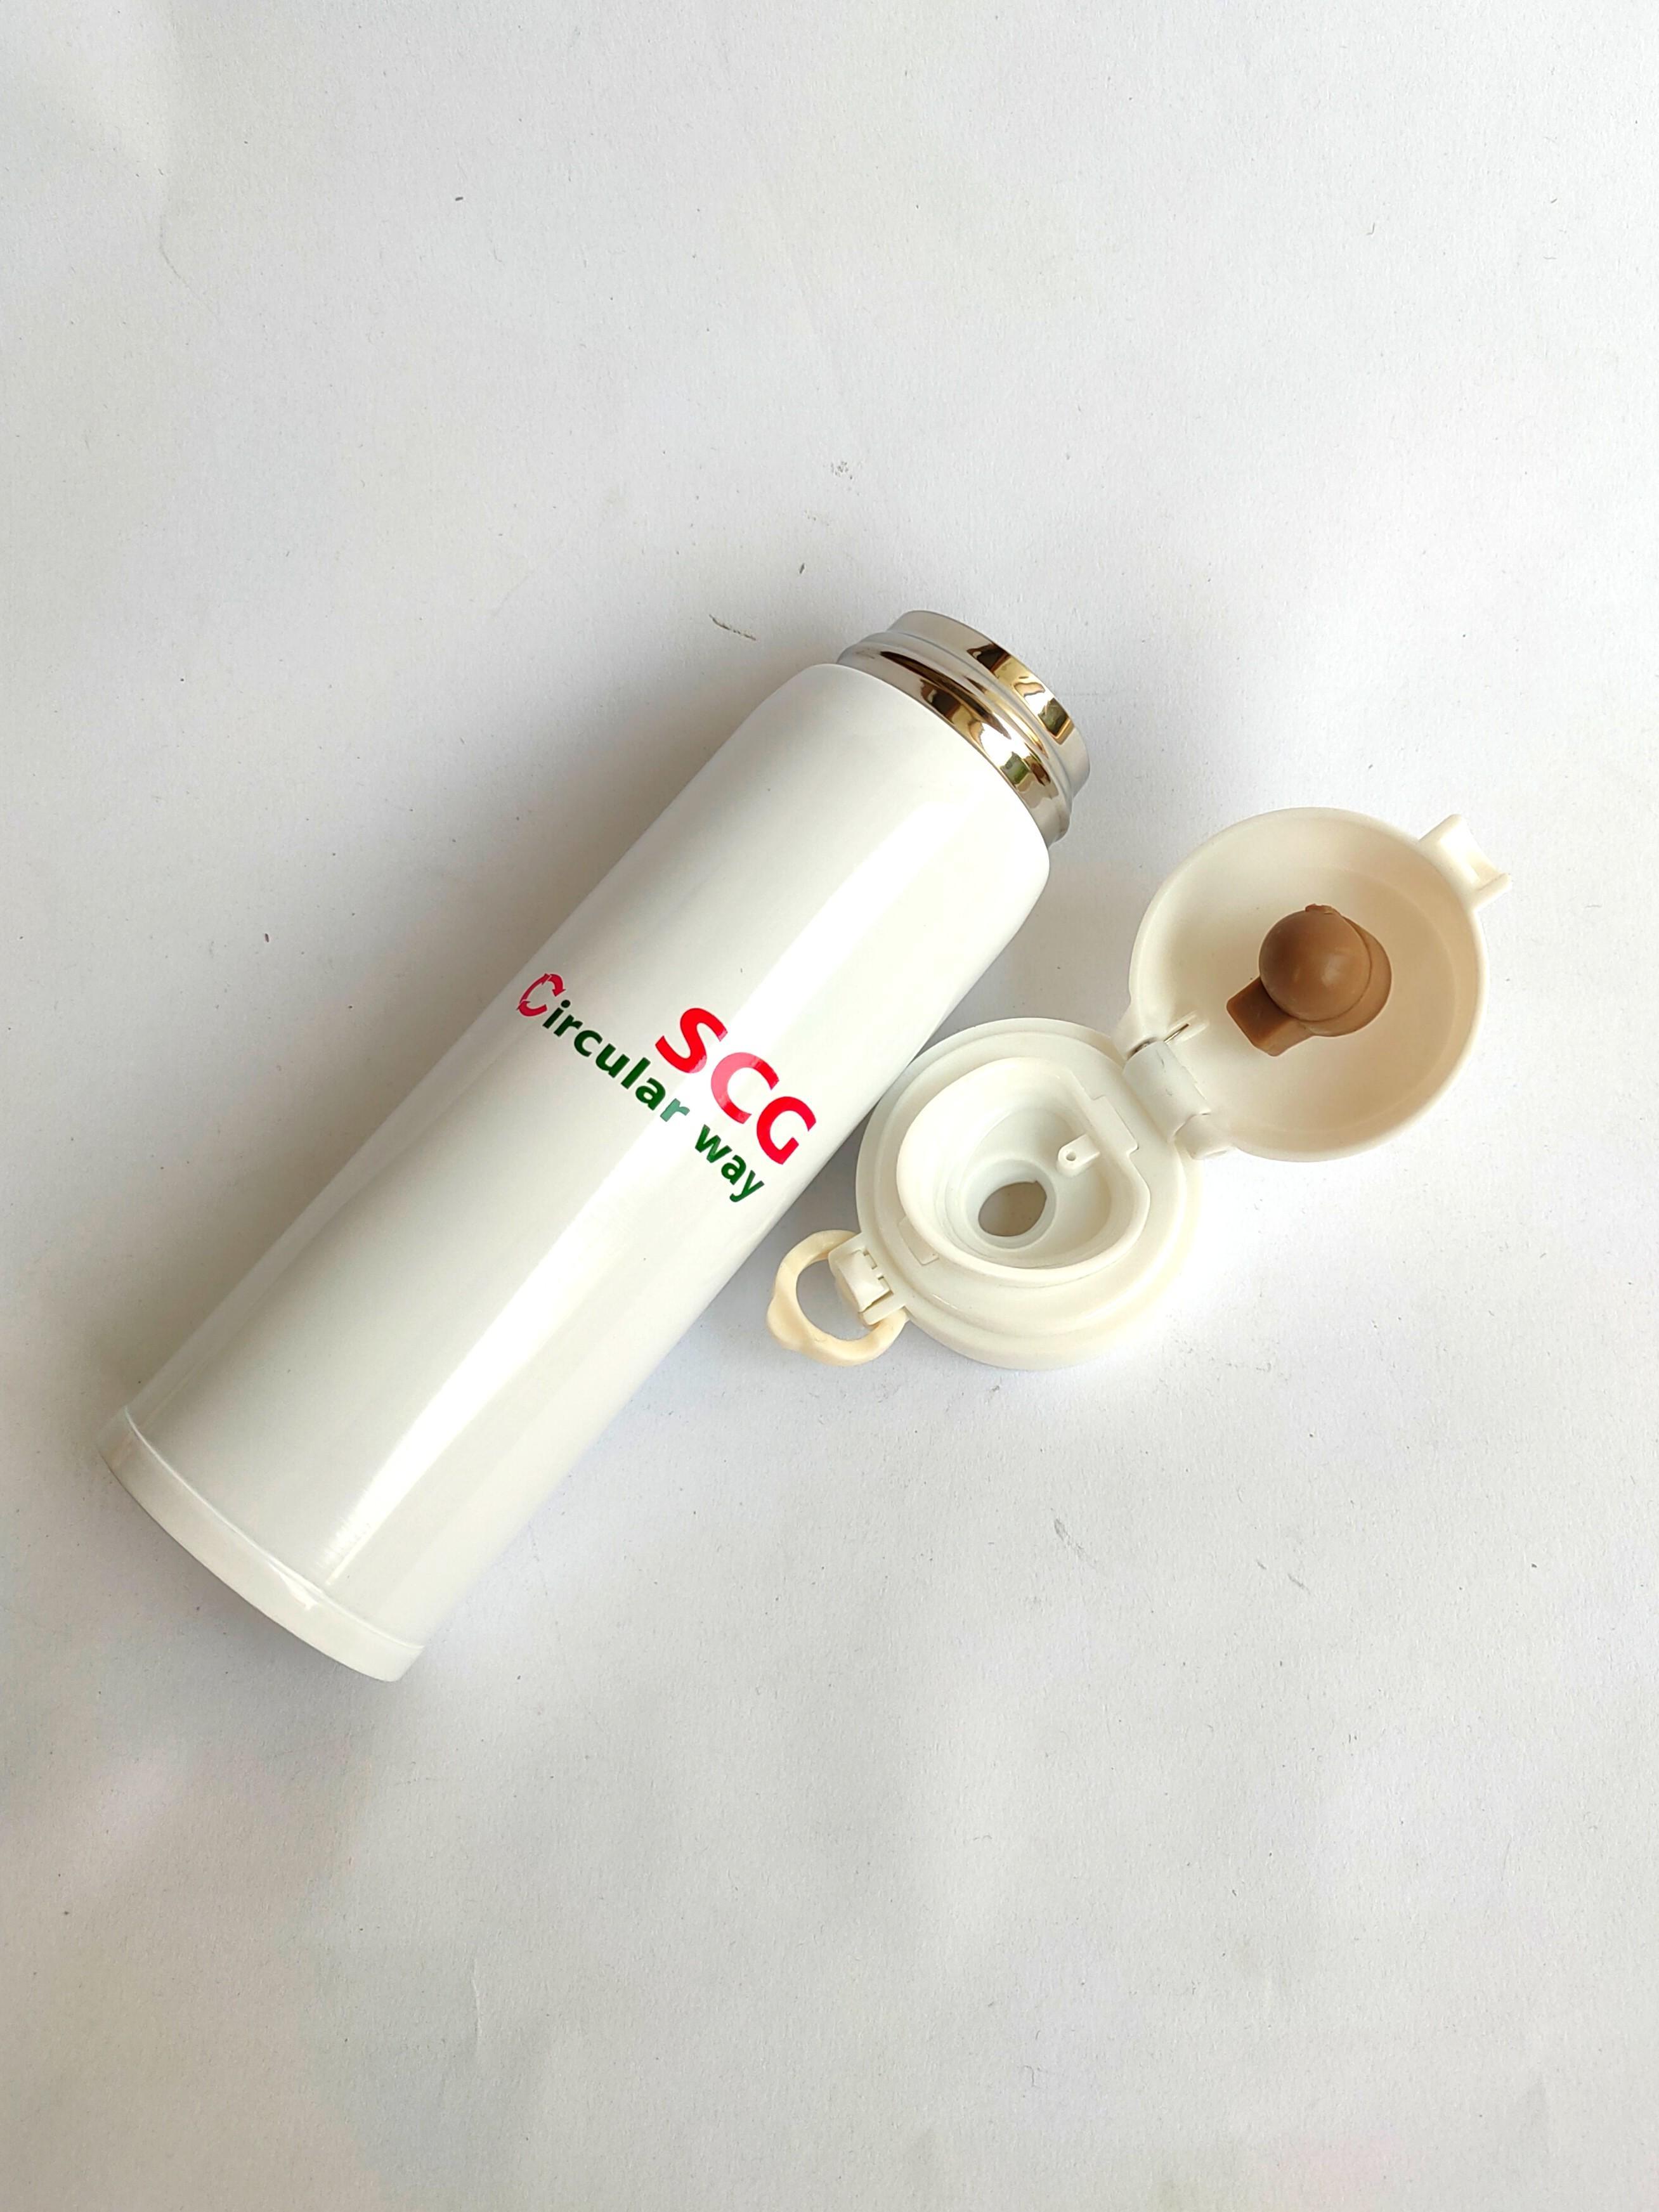 Thermos Stainless Steel SCG Putih